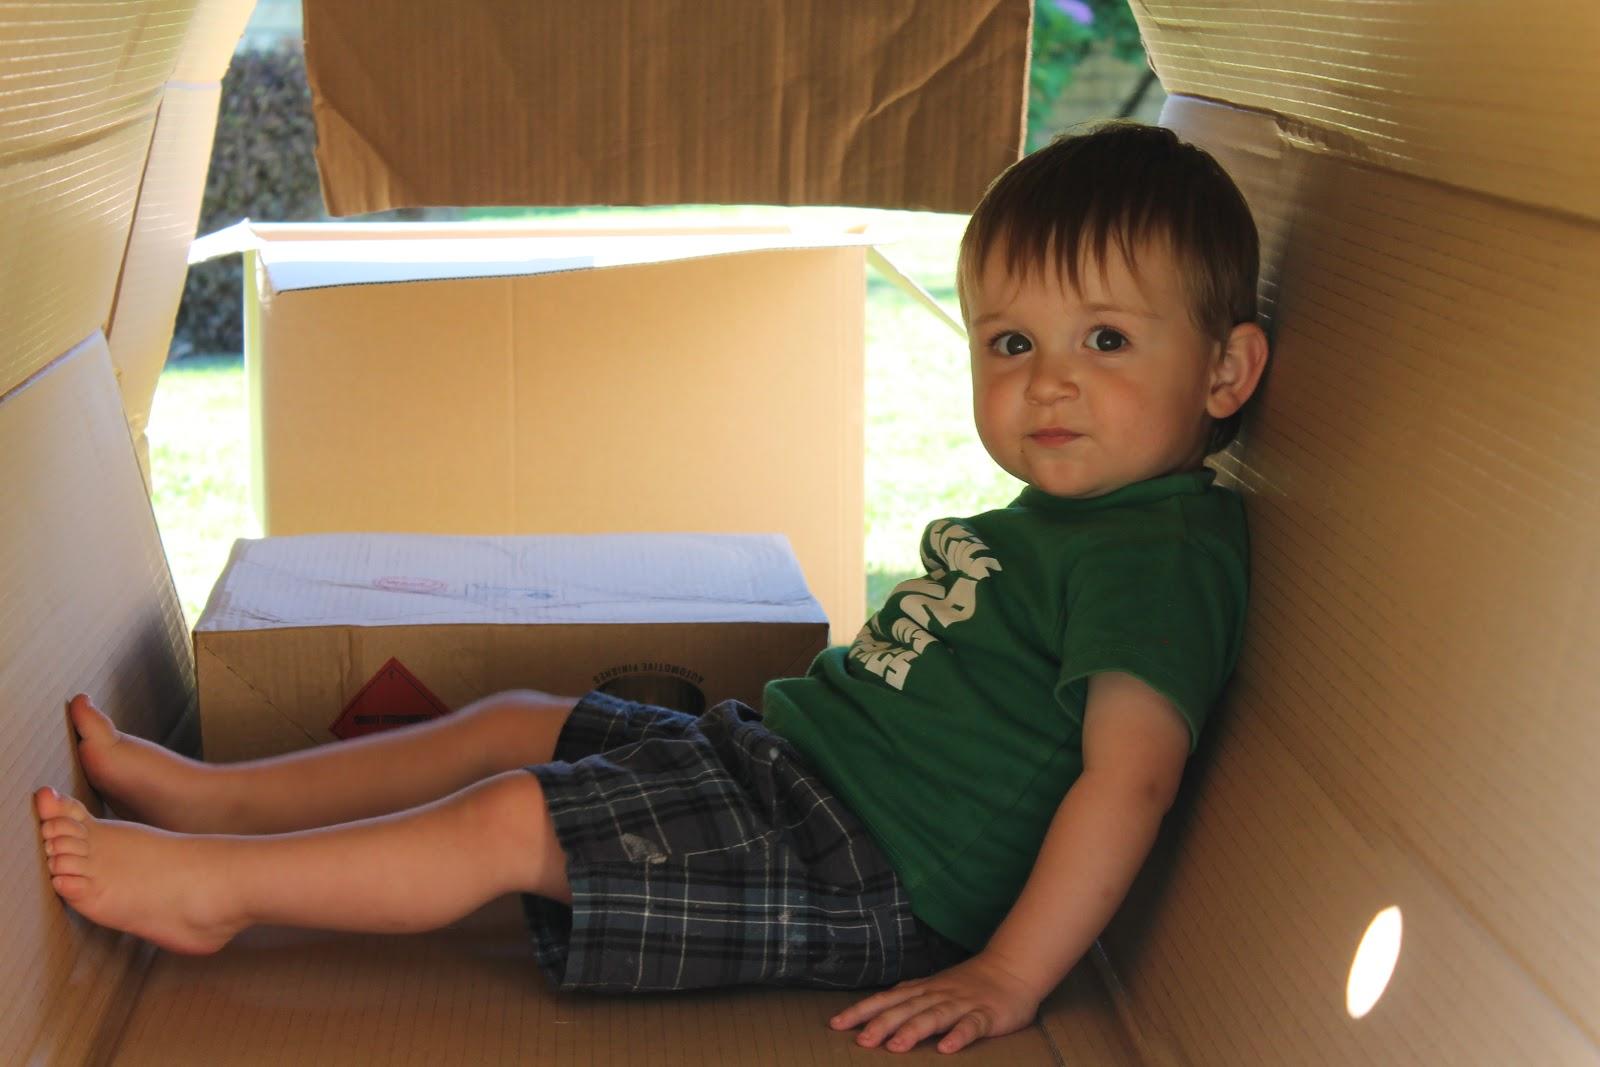 אמפתיה בתהליך העיצוב: להכנס לקופסא כדי לצאת ממנה.